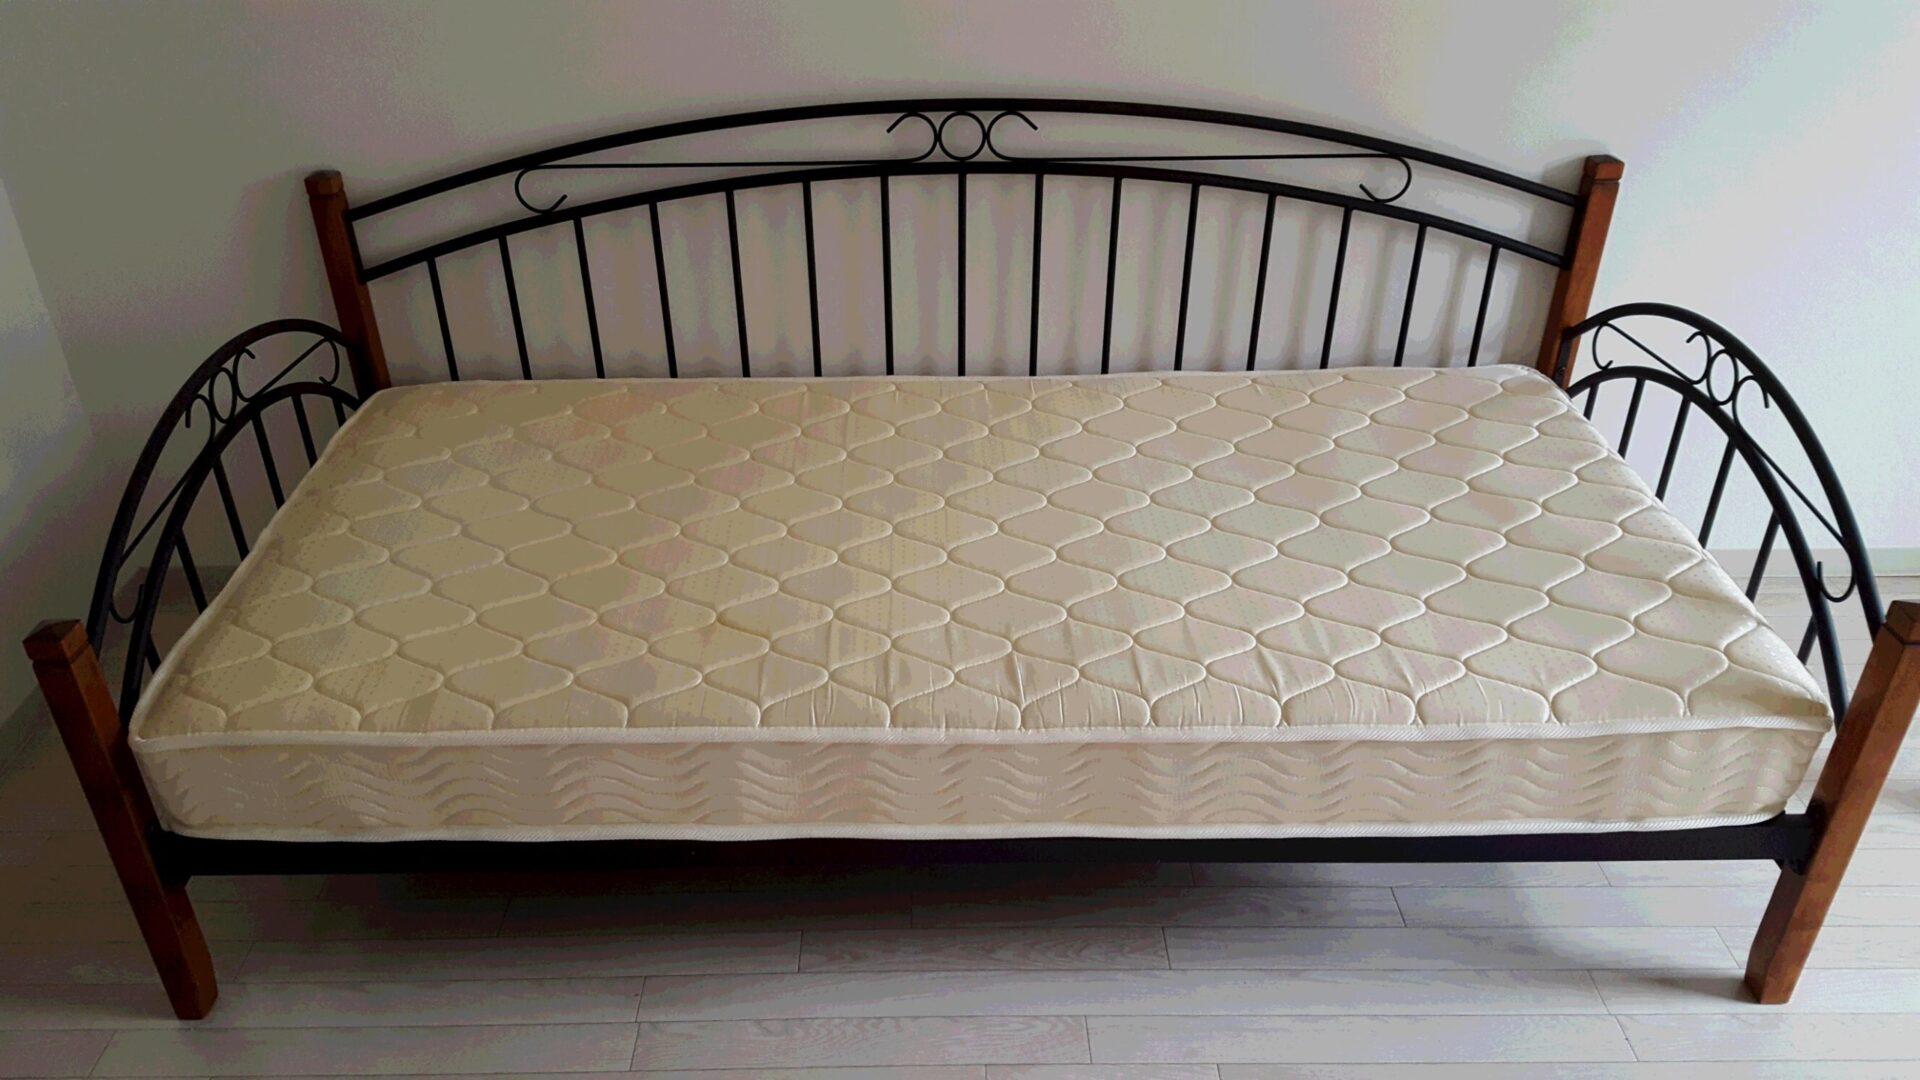 【愛知県名古屋市東区】不要なシングルベッドのフレーム解体と回収